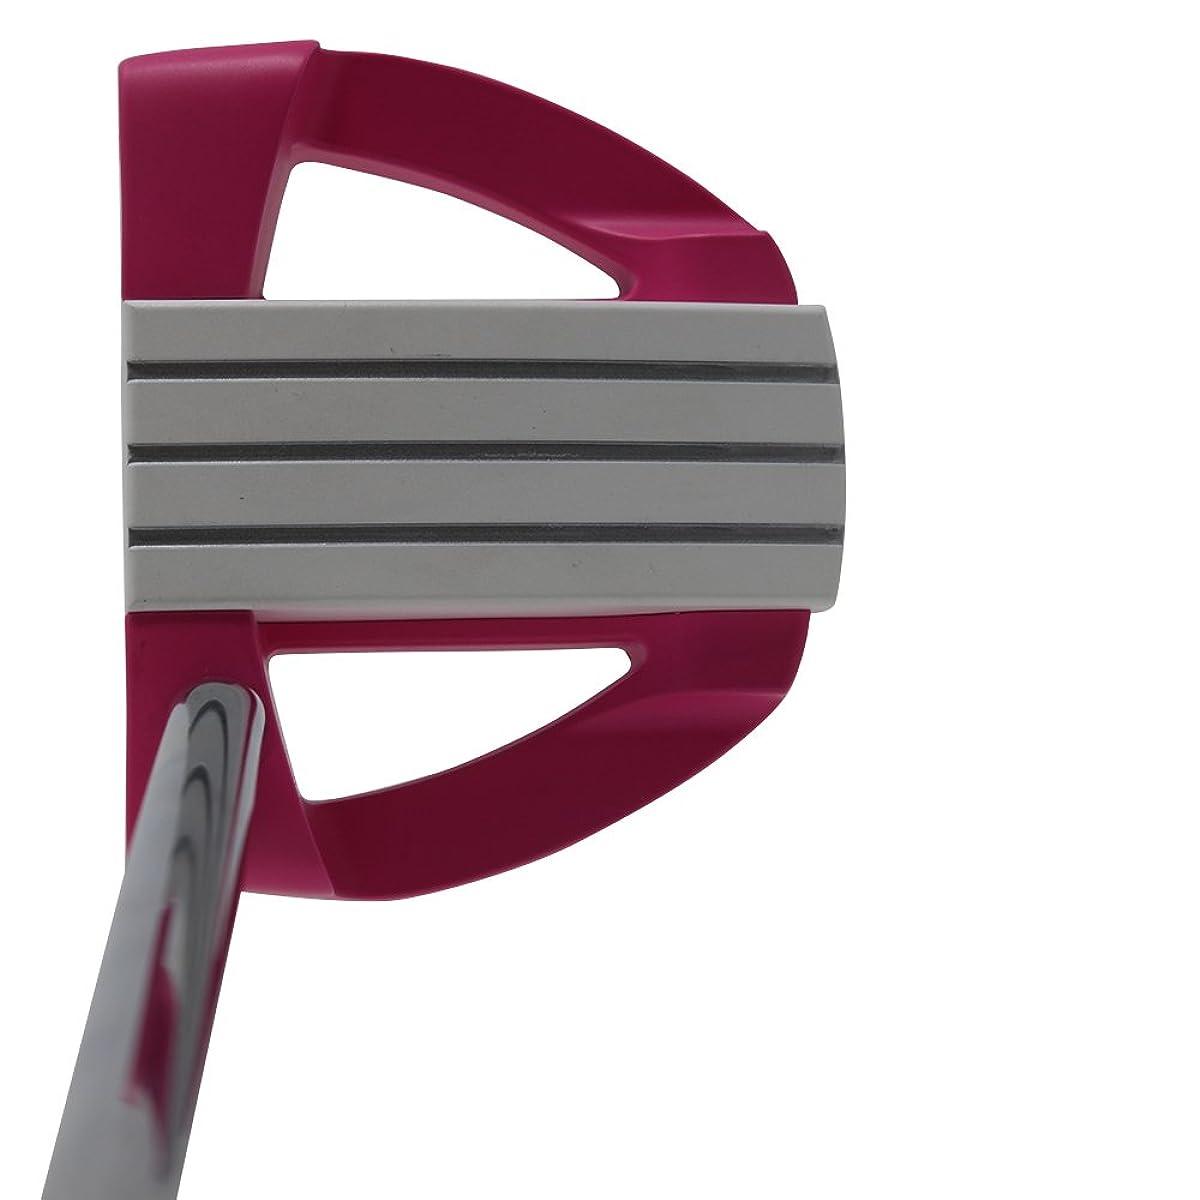 [해외] BIONIK 701핑크 골프 퍼터 오른손잡이MALLET스타일WITH선형LINE UP핸드 툴32인치 소병LADY 'S PERFECT FOR안감UP YOUR PUTTS